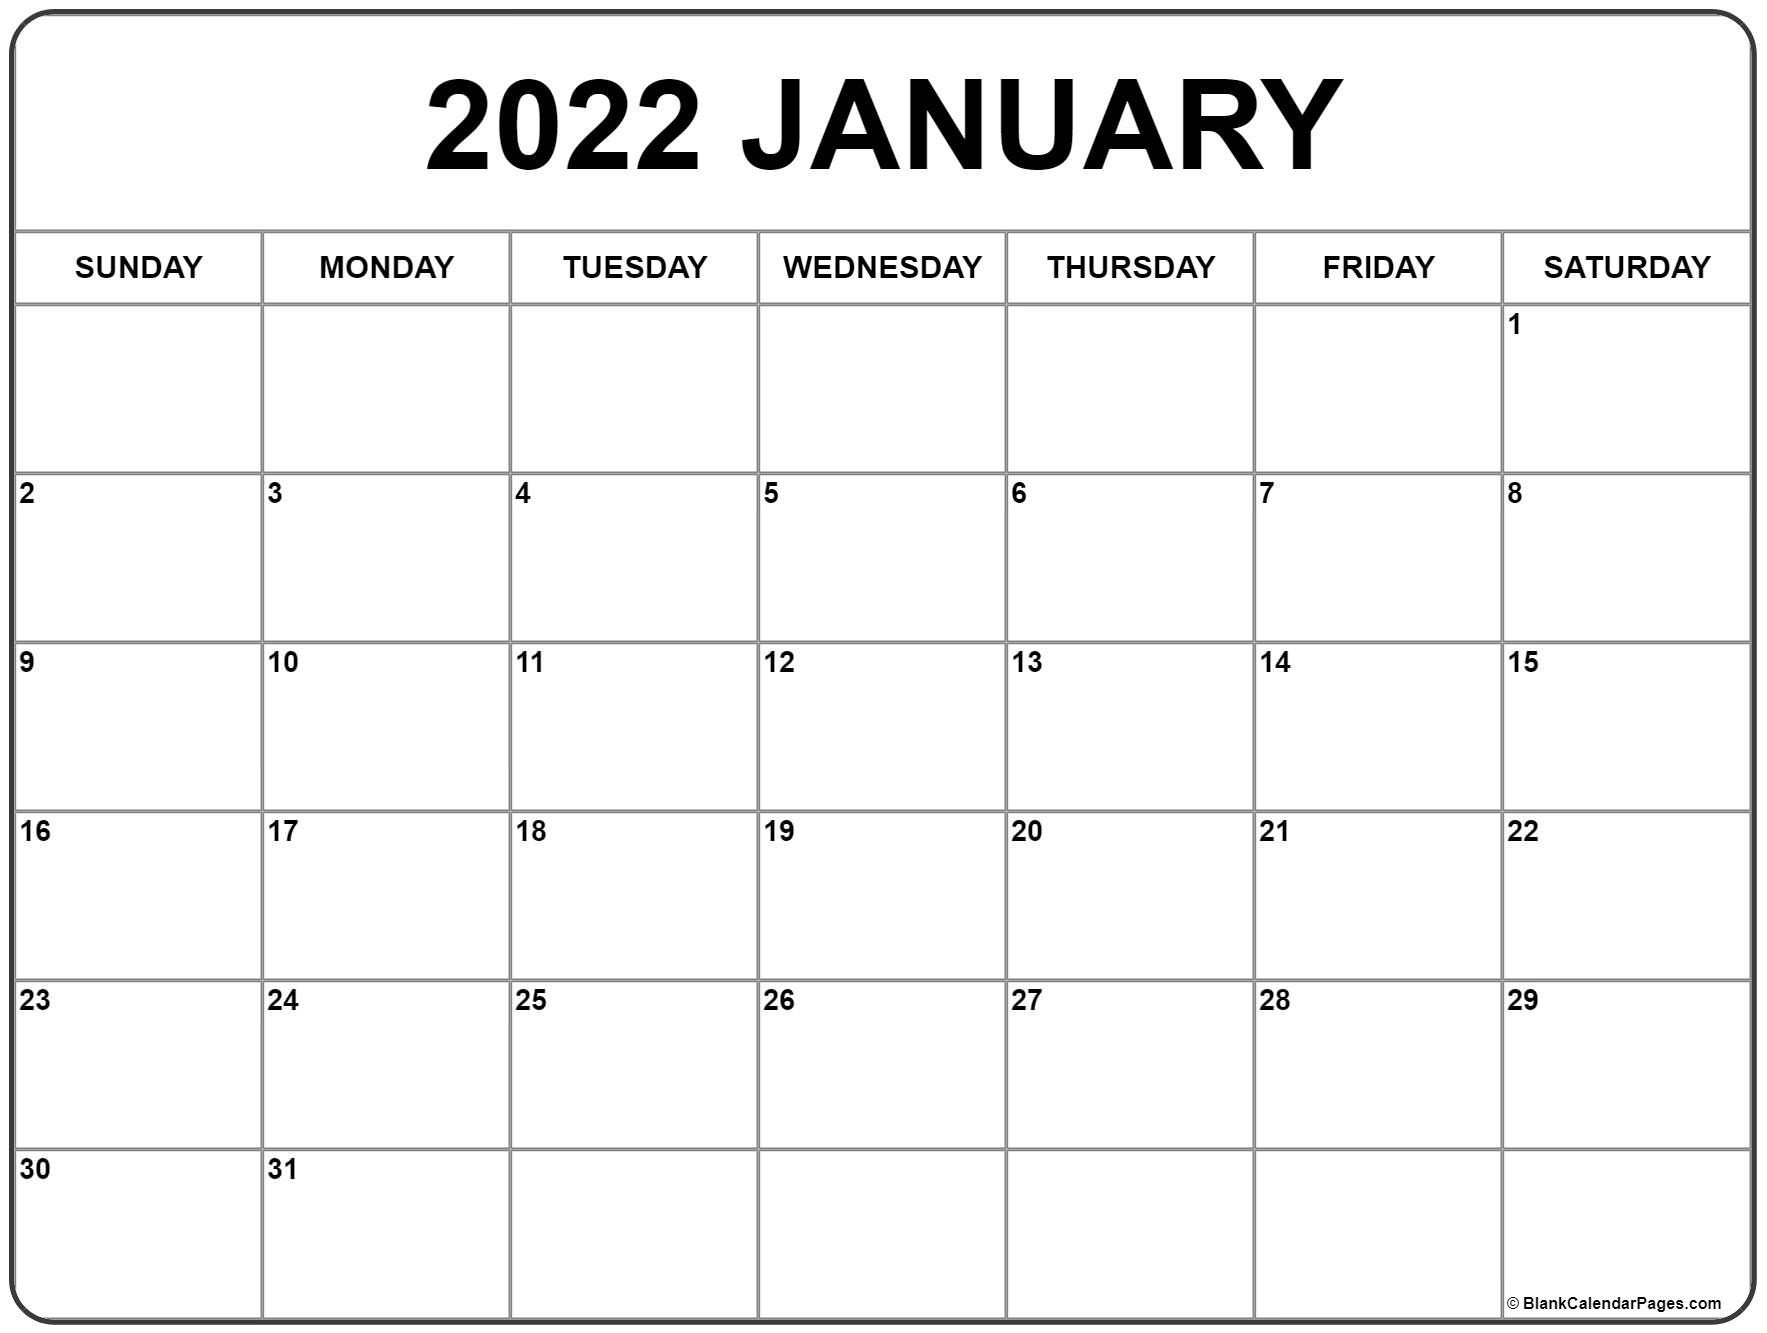 January 2022 Printable Calendar   Free Printable Calendar with Free Printable January Calendar 2022 Photo